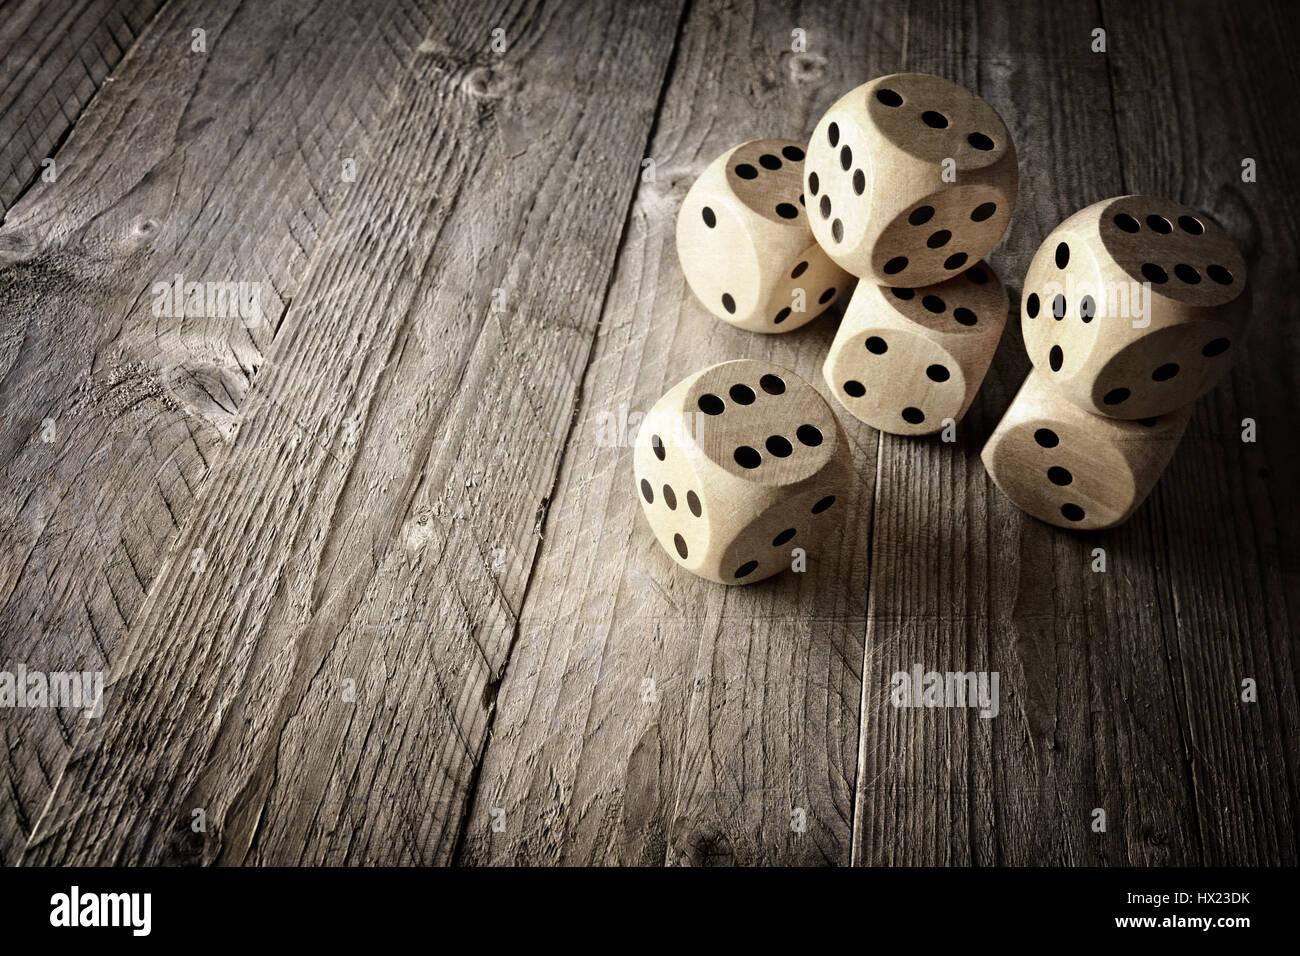 Rollende Würfel Konzept für unternehmerisches Risiko, Chance, viel Glück oder Glücksspiel Stockbild